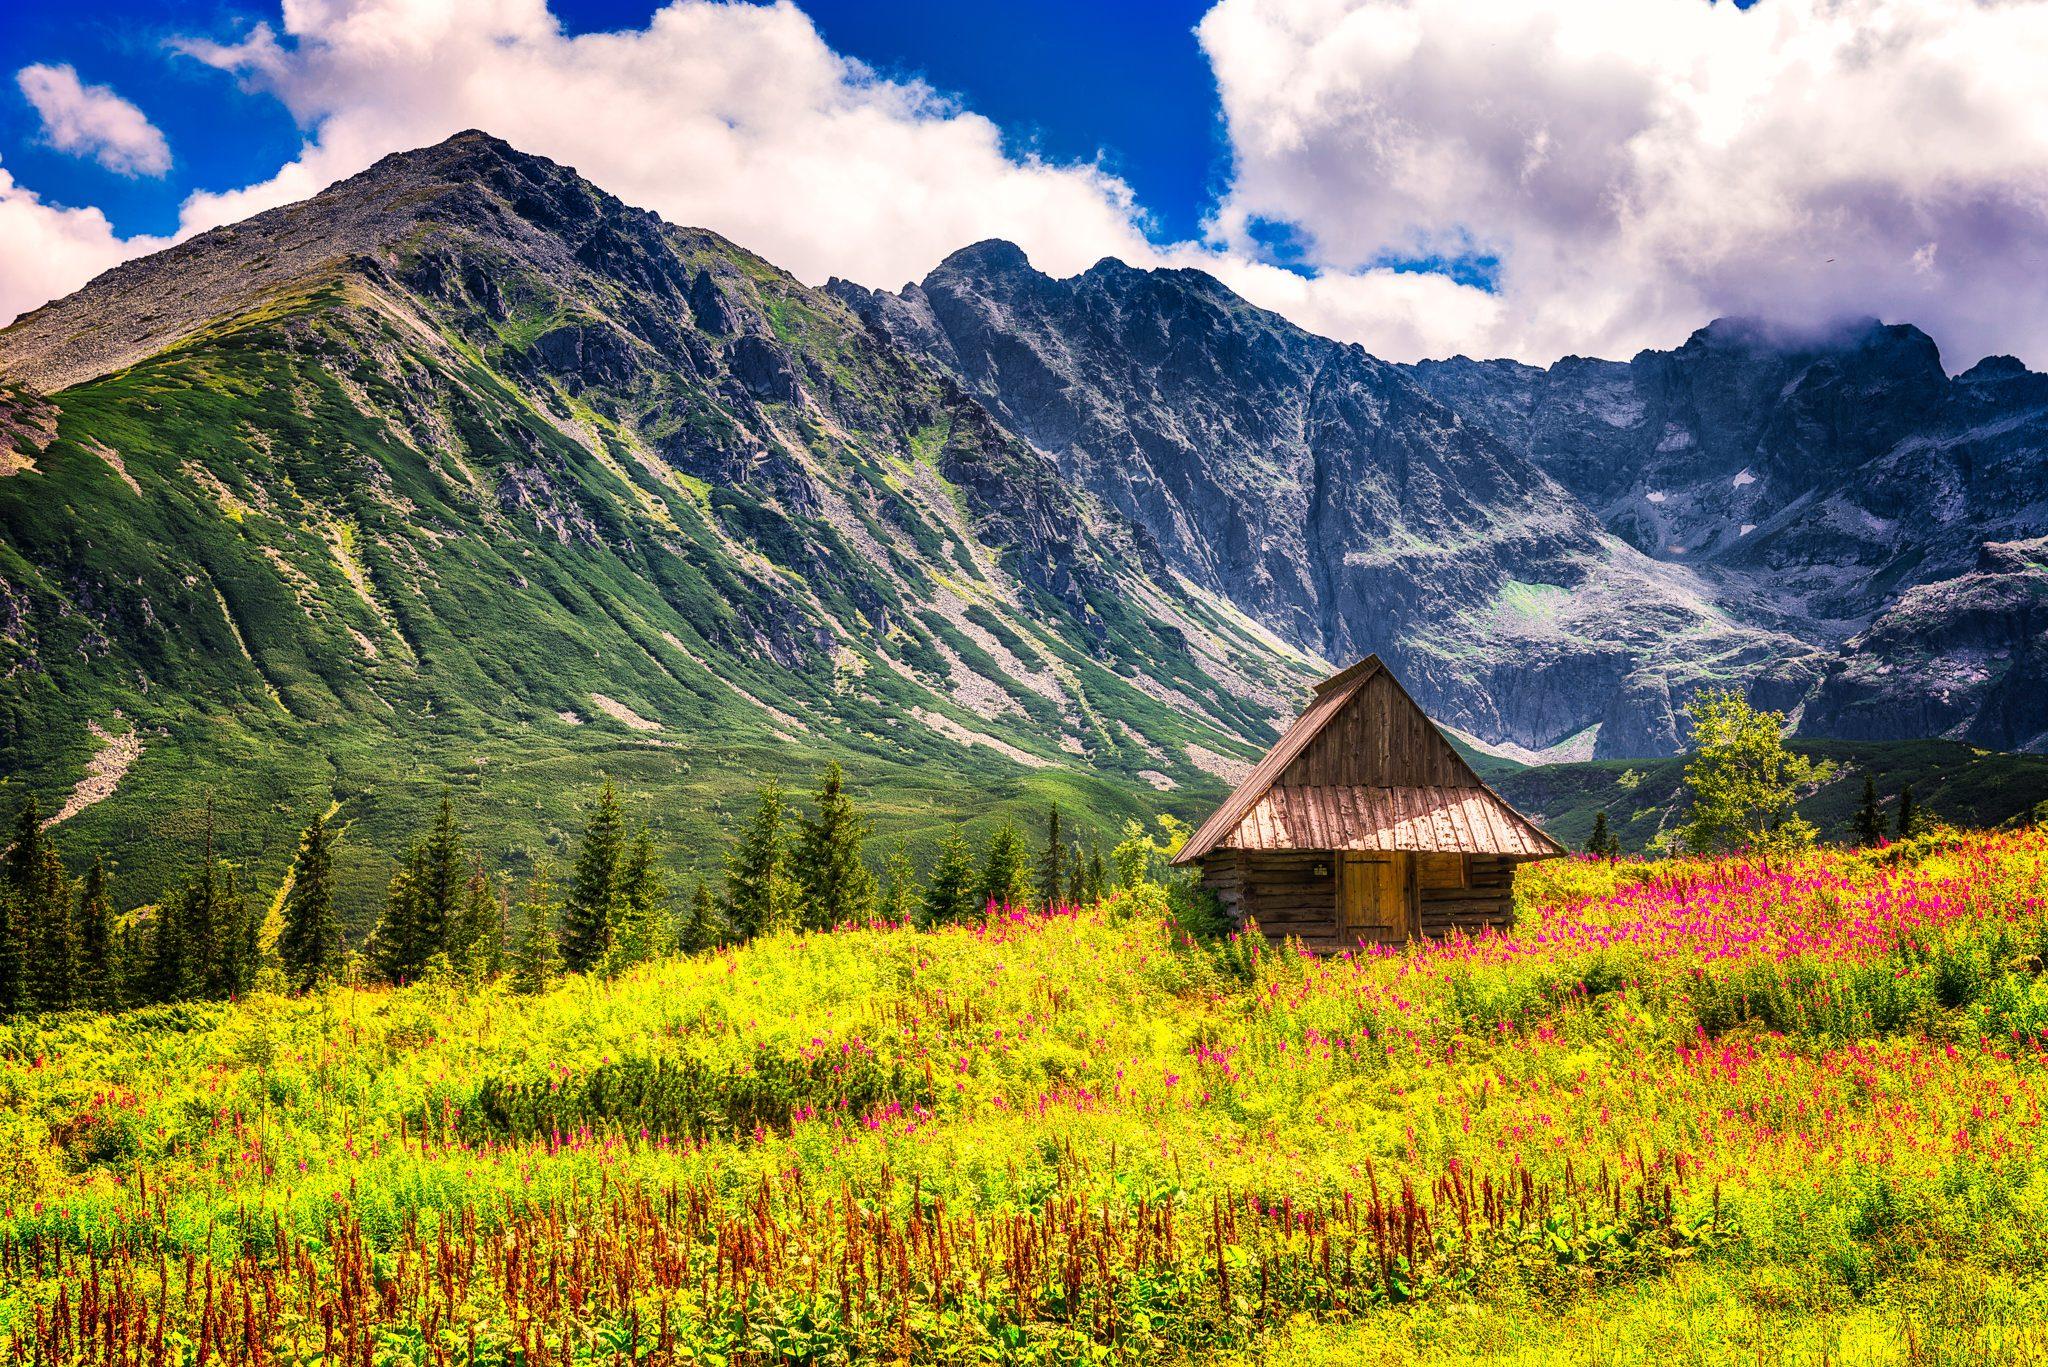 Die Hala Gąsienicowa Hütte, die sich im Tatra-Nationalpark in Polen befindet.